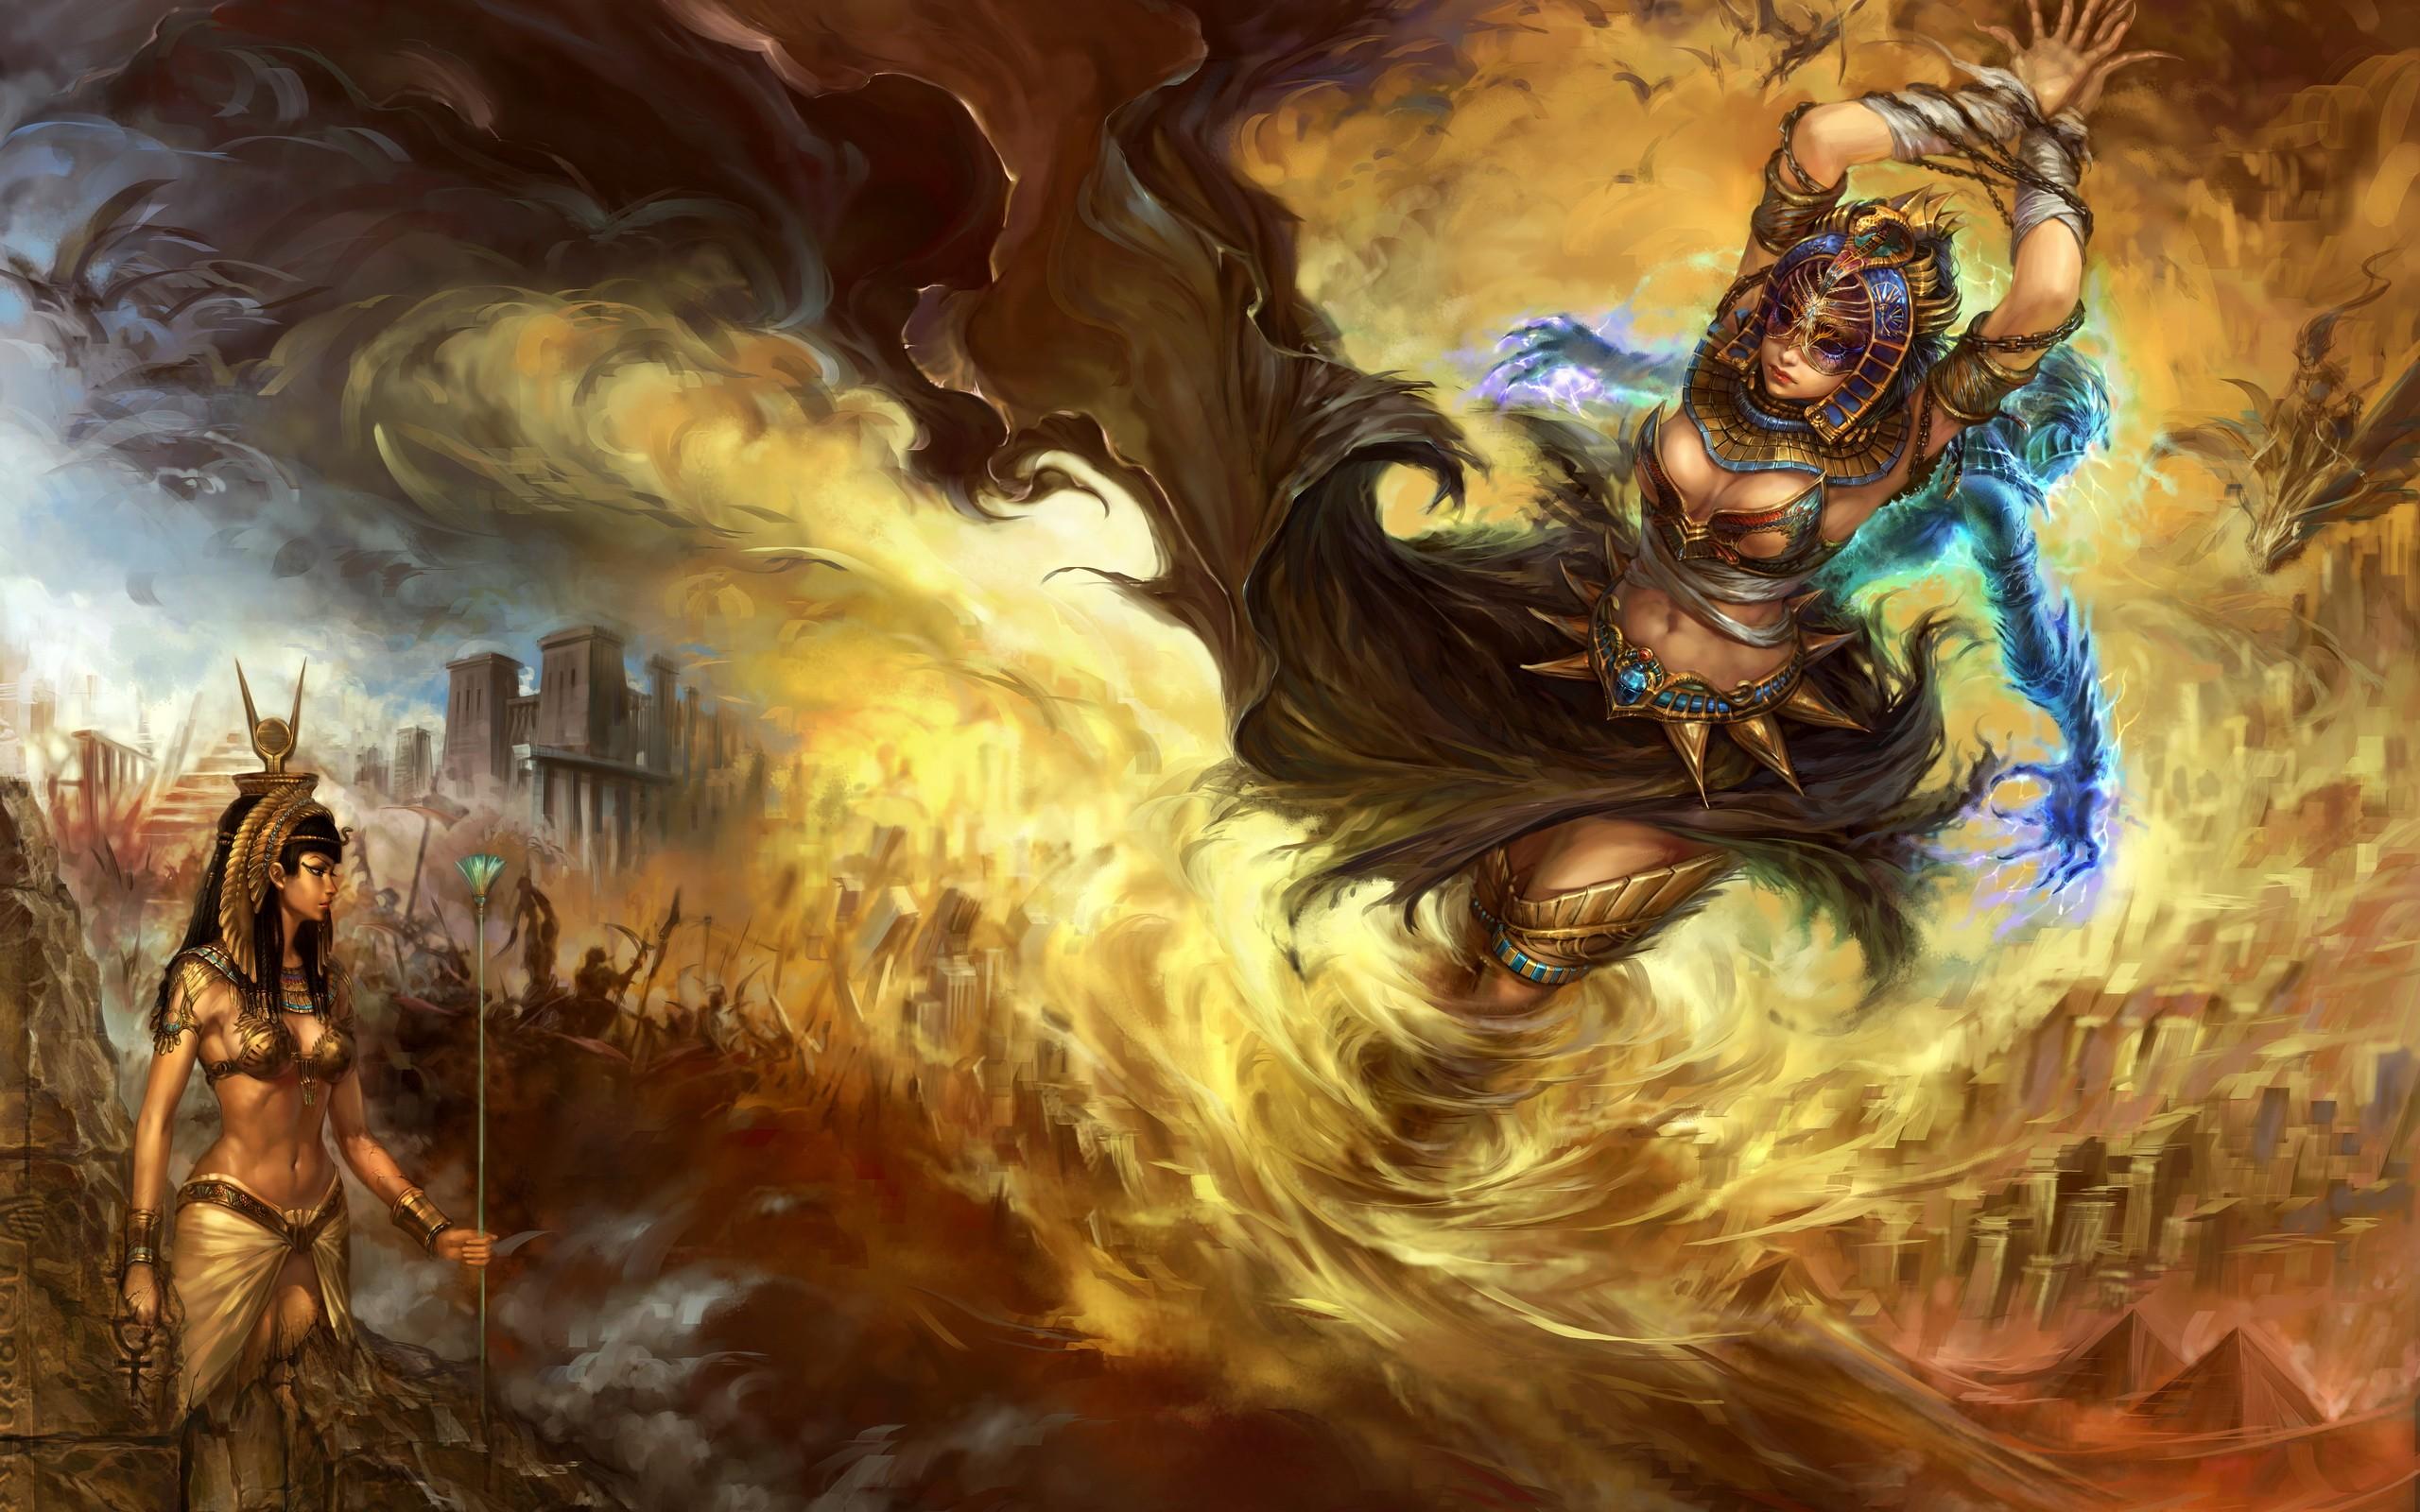 Egypt fantasy art artwork forsaken world anime girls wallpaper 2560x1600